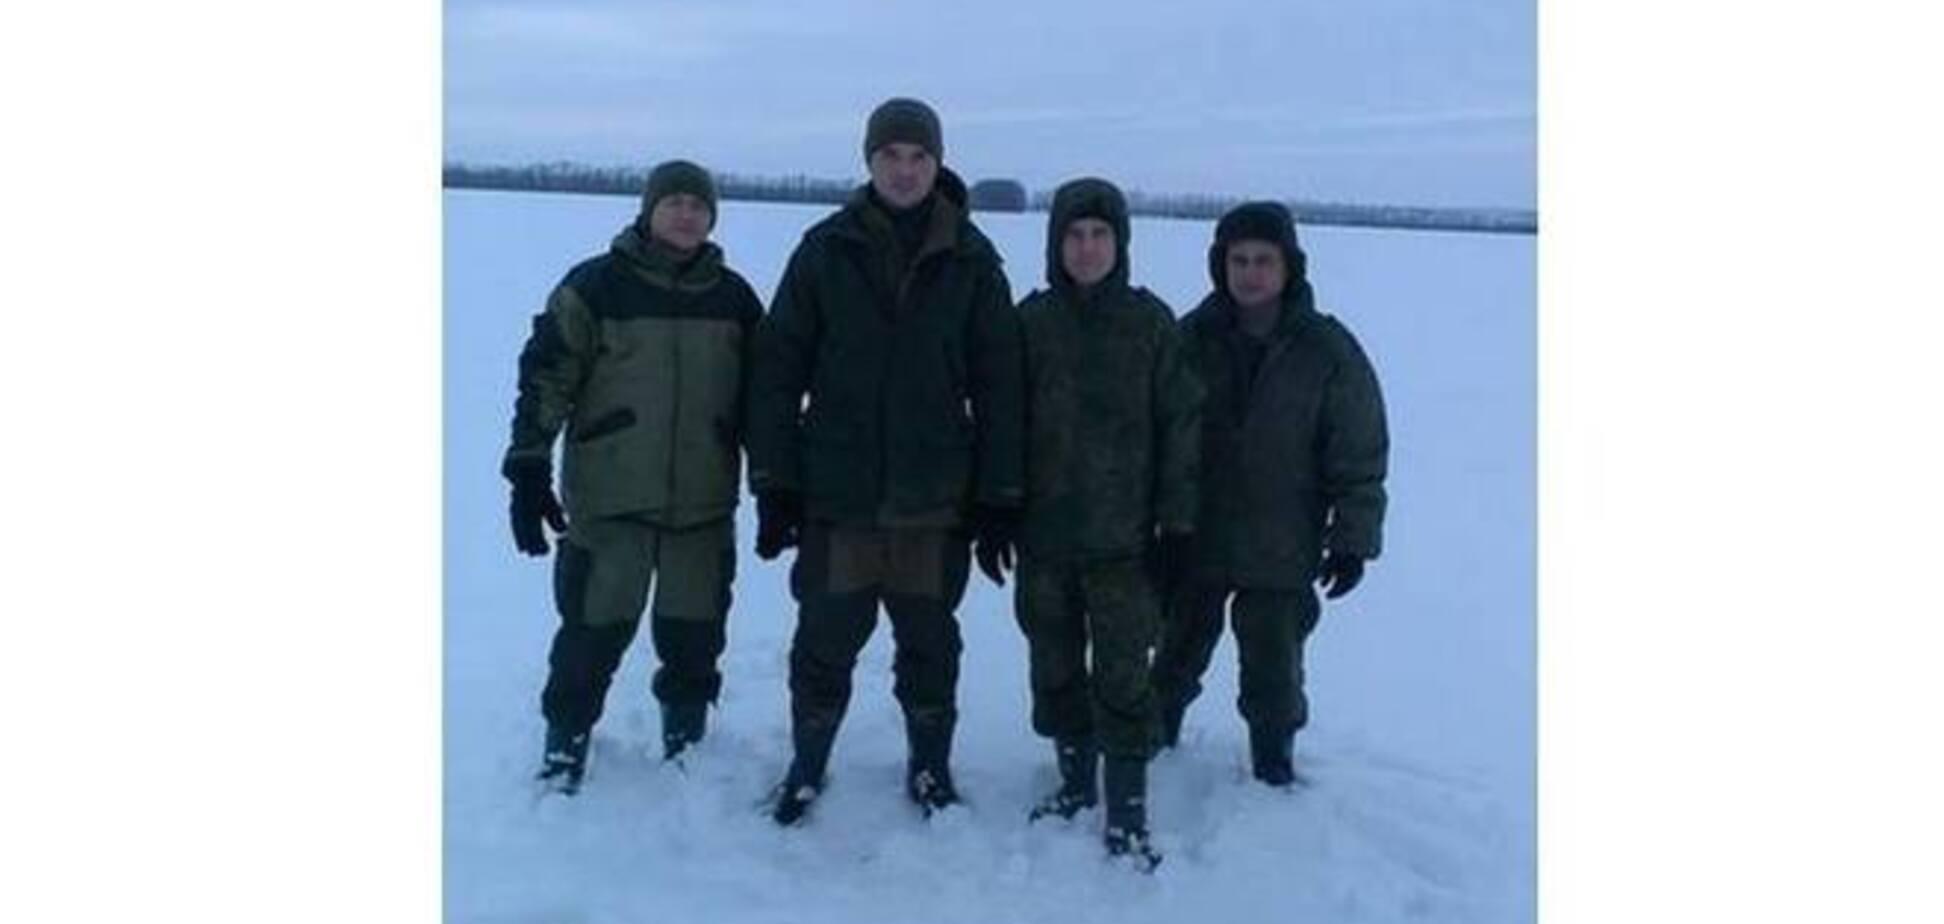 Россия перебрасывает к украинской границе артиллерию с Дальнего Востока - блогер